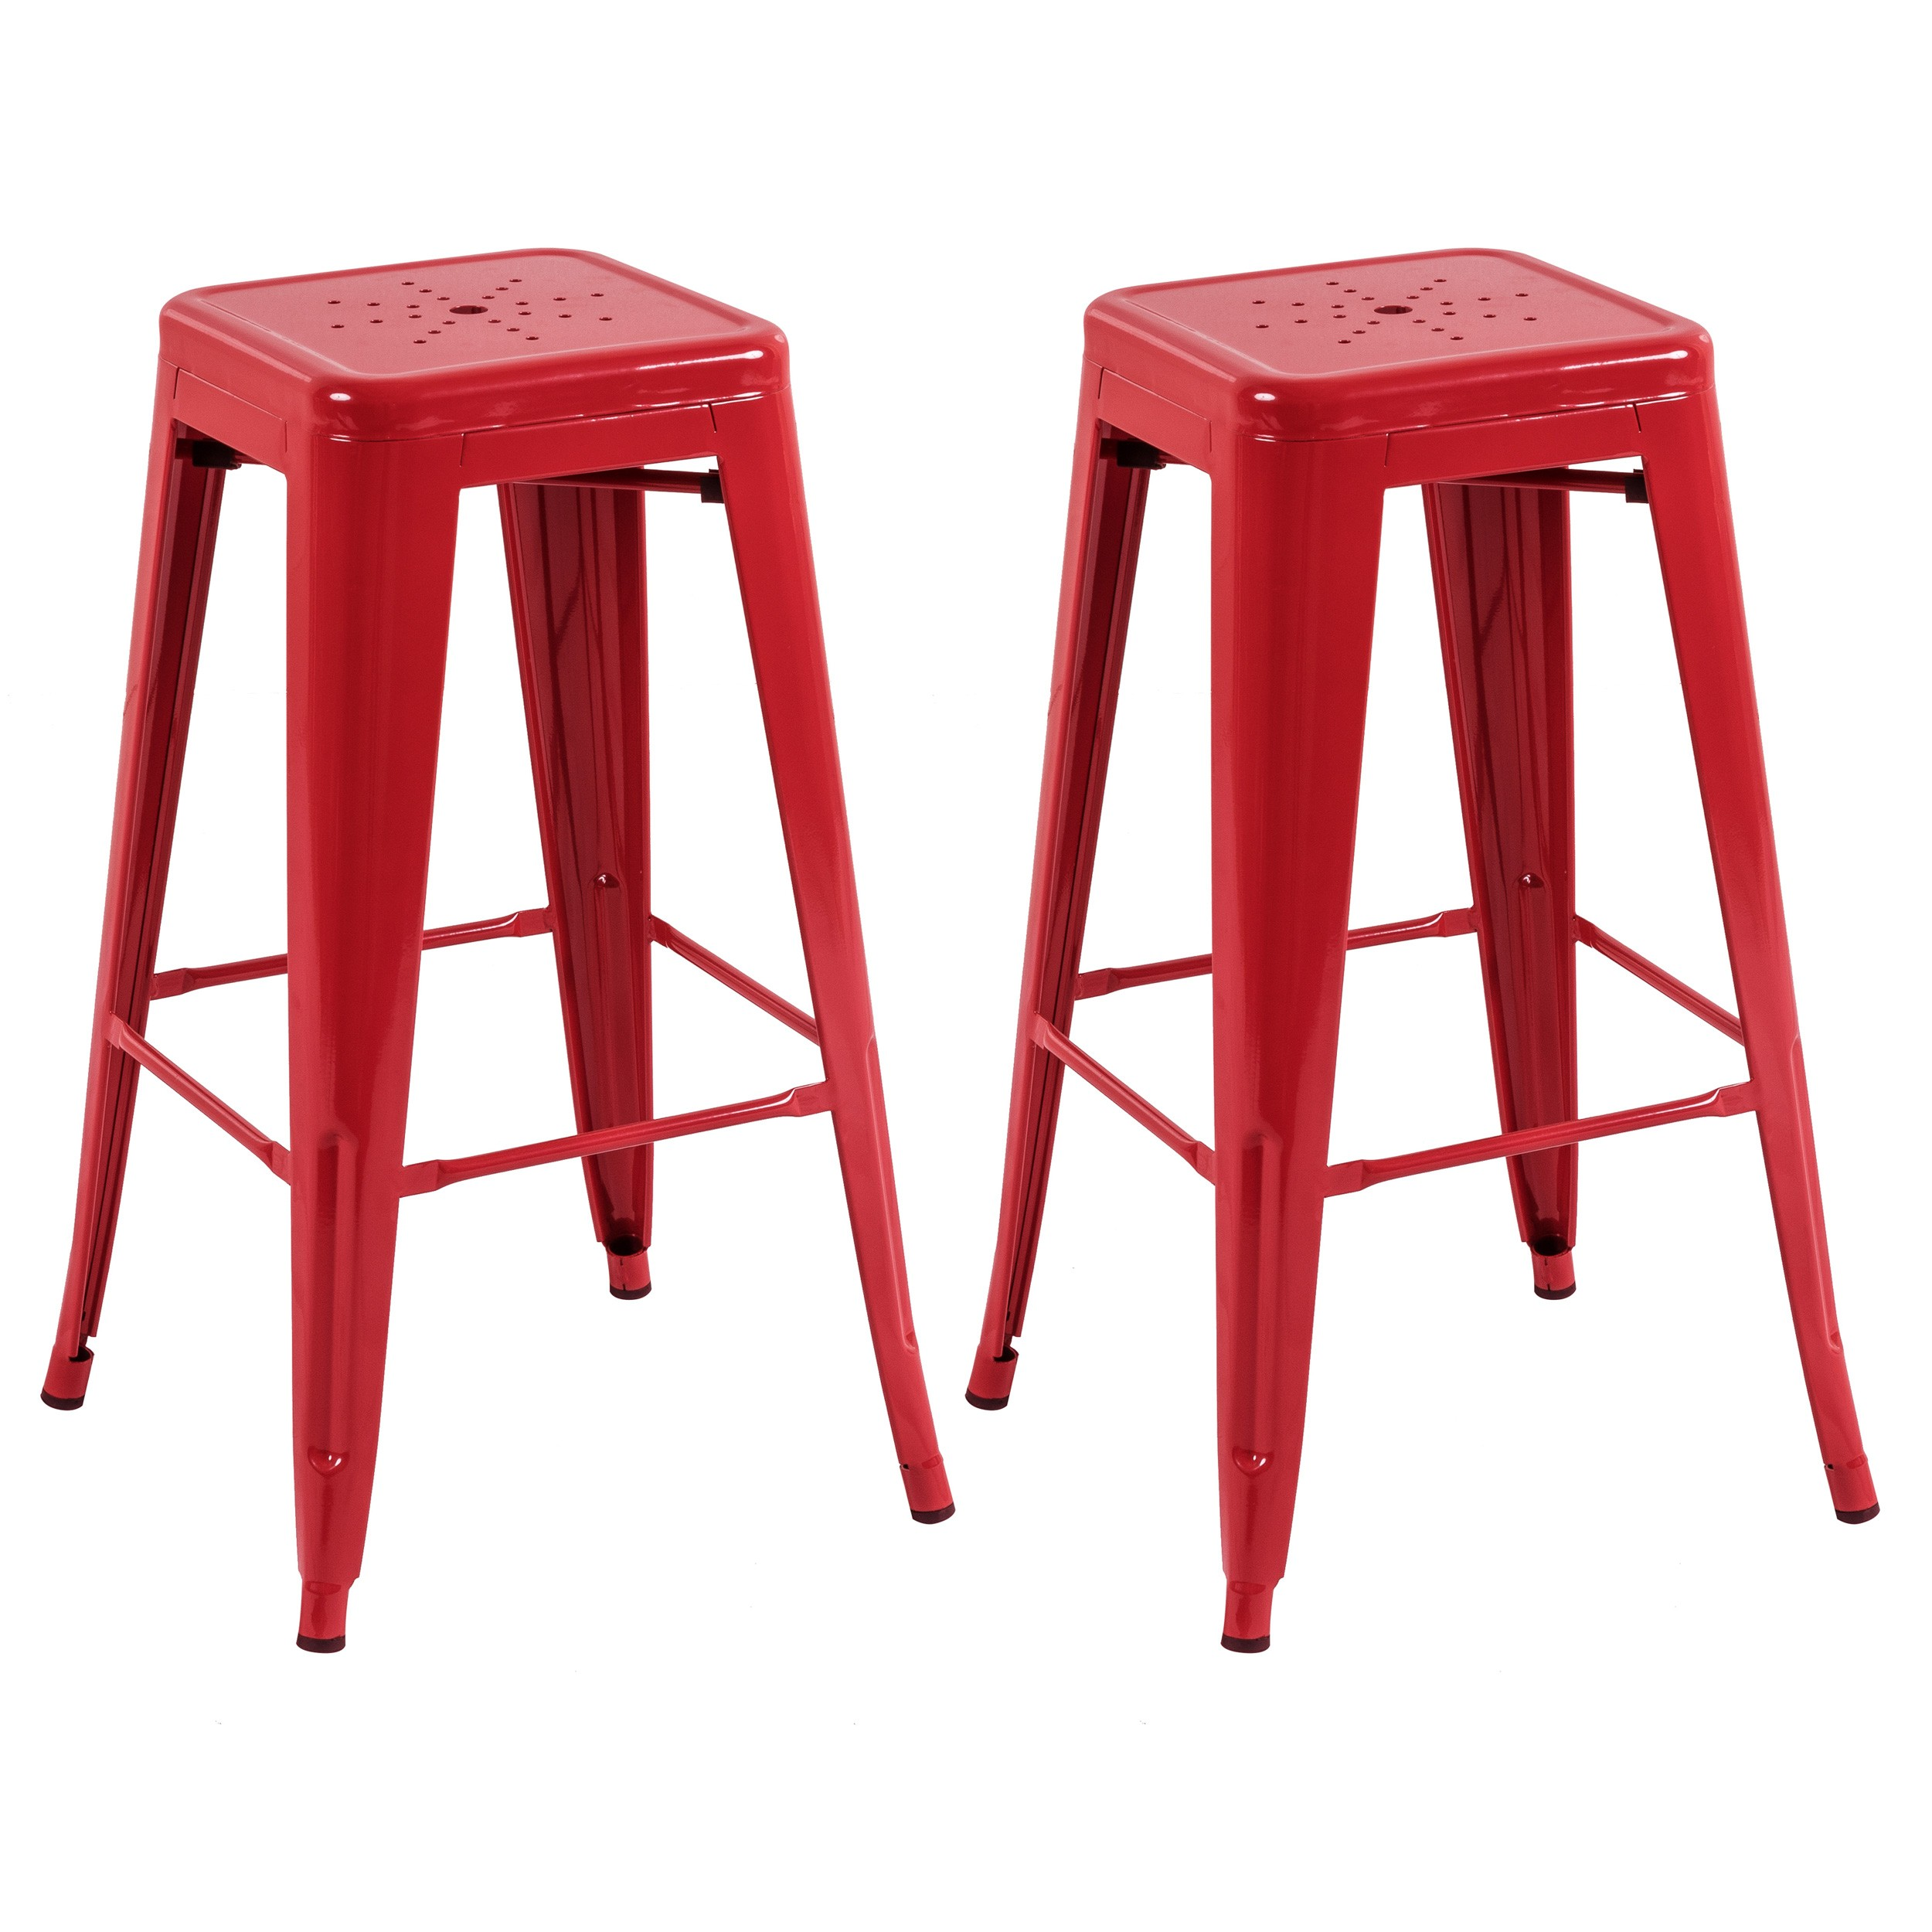 tabouret de bar indus rouge lot de 2 commandez les tabourets de bar indus rouges rdv d co. Black Bedroom Furniture Sets. Home Design Ideas